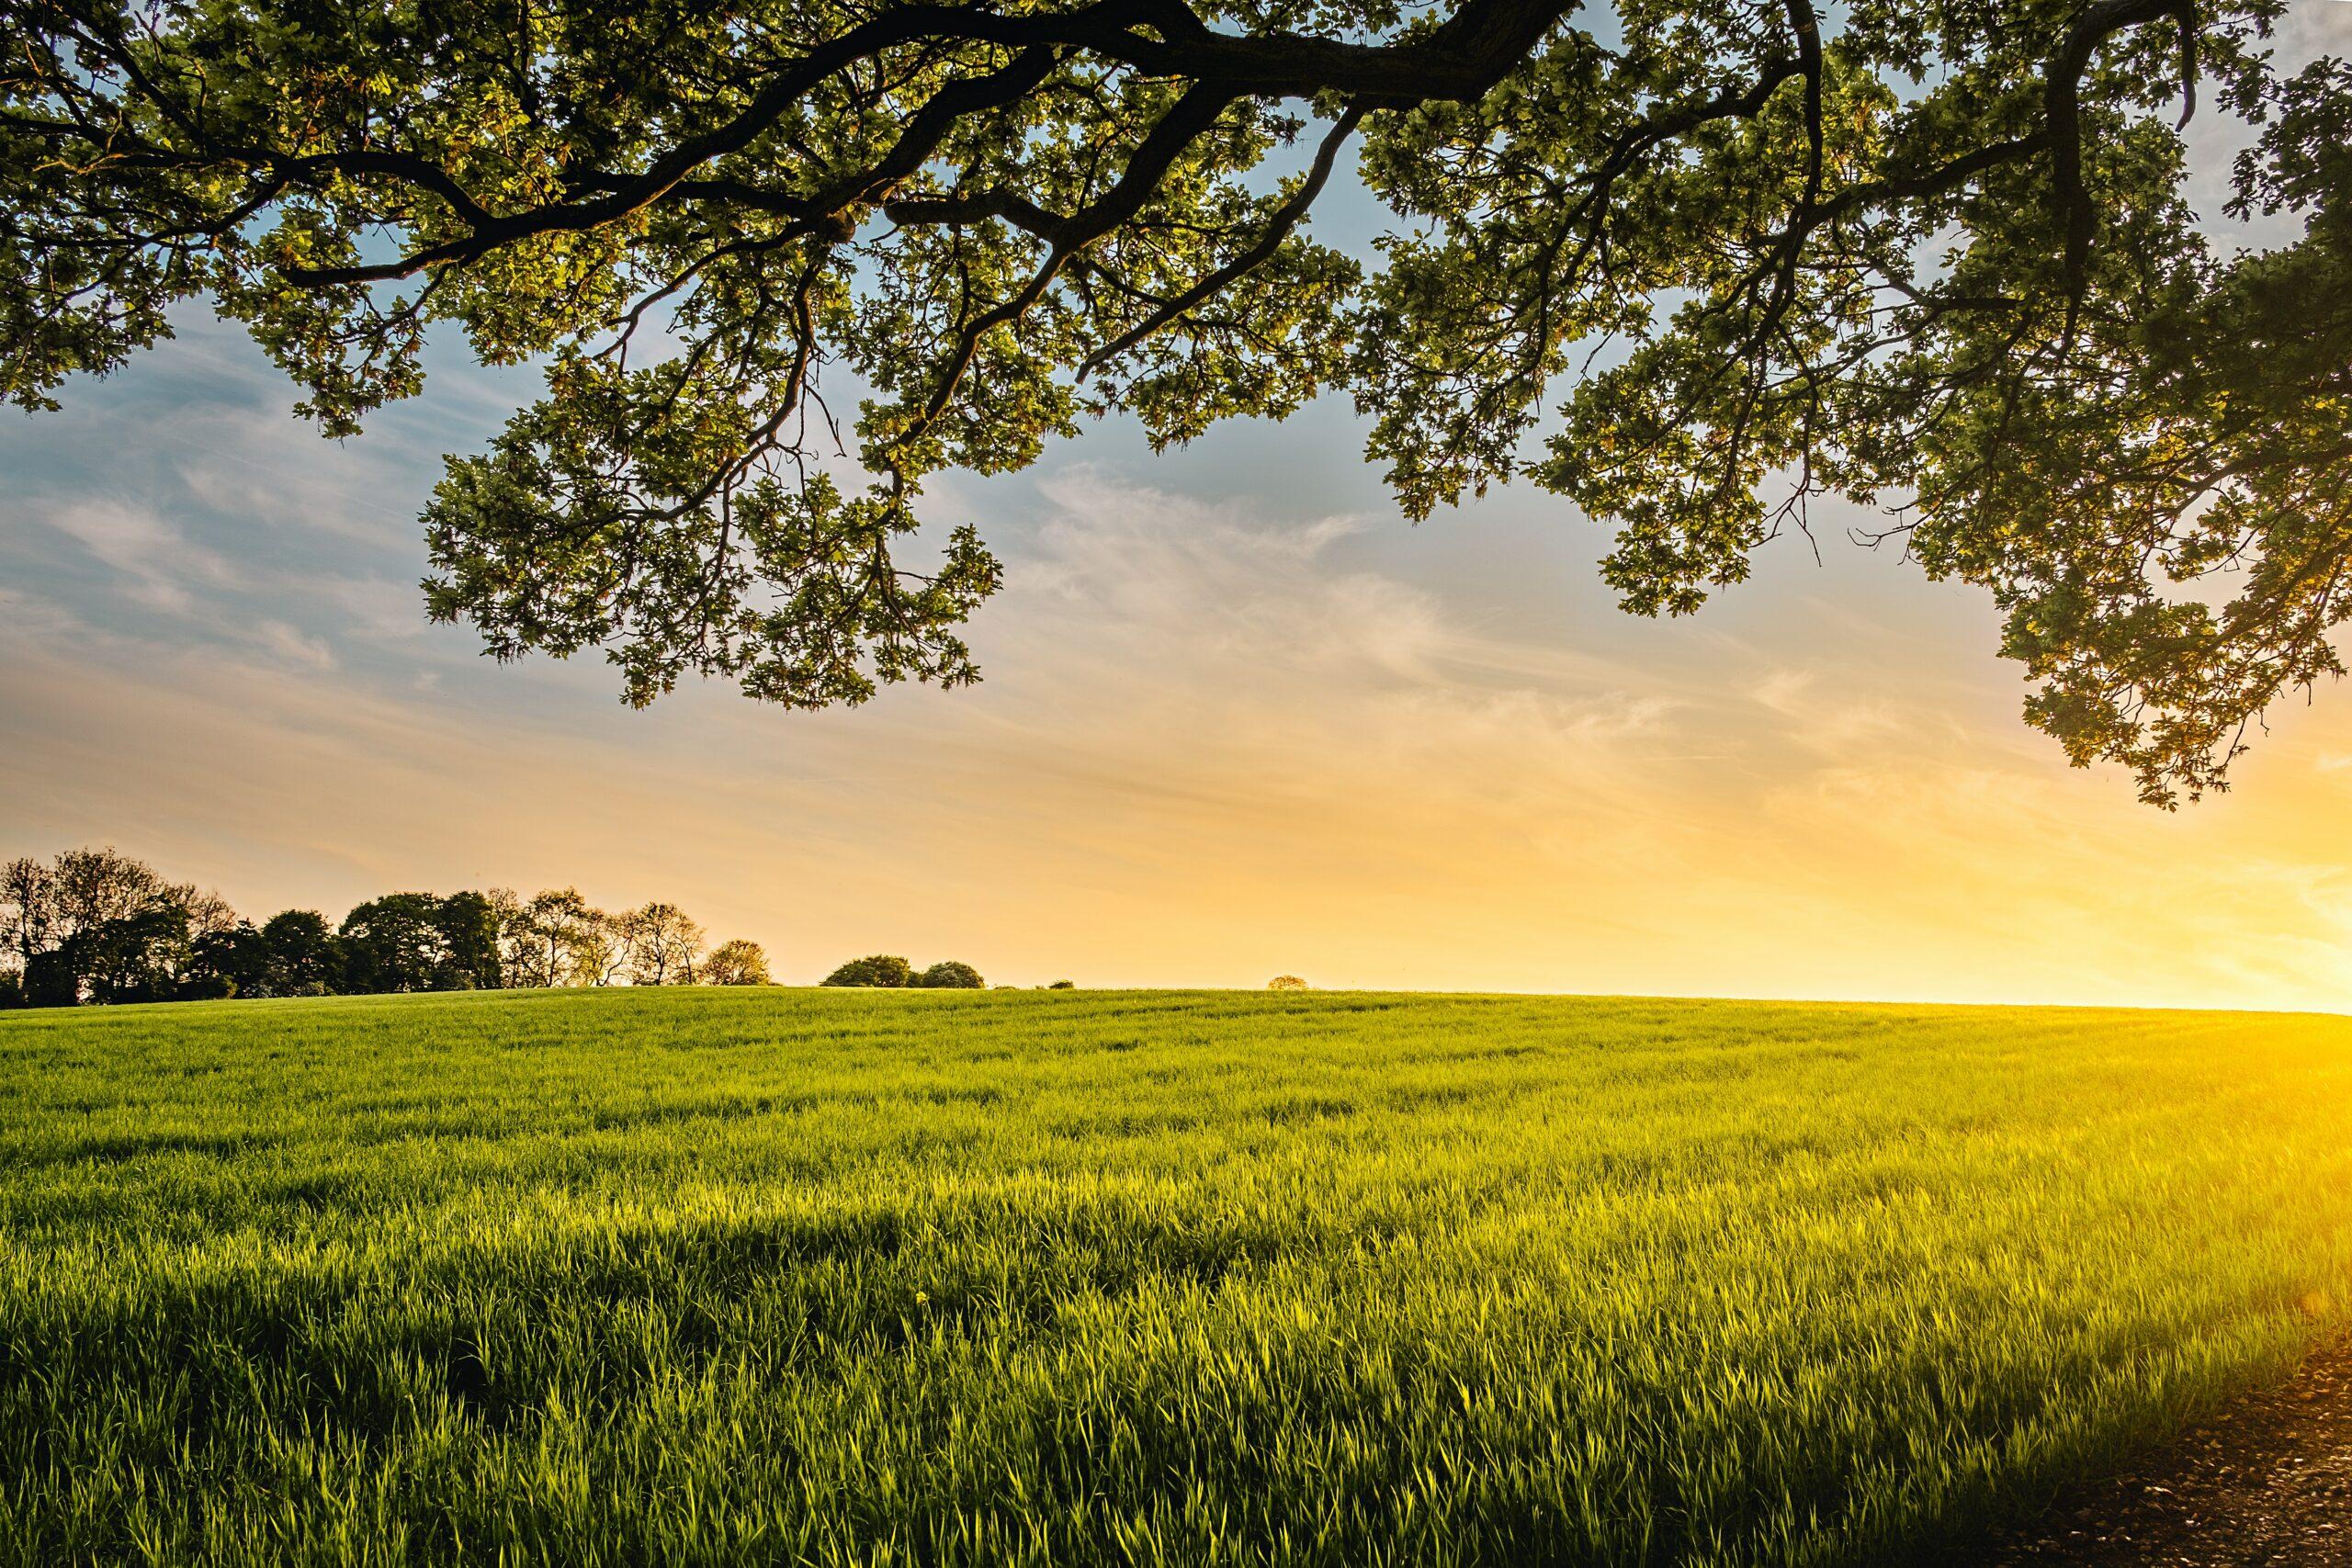 L'OAB a lancé sa plateforme de sciences participatives et propose 5 protocoles d'observation de la biodiversité aux agriculteurs intéressés. Cela leur permet de mieux connaître la biodiversité ordinaire en milieu agricole